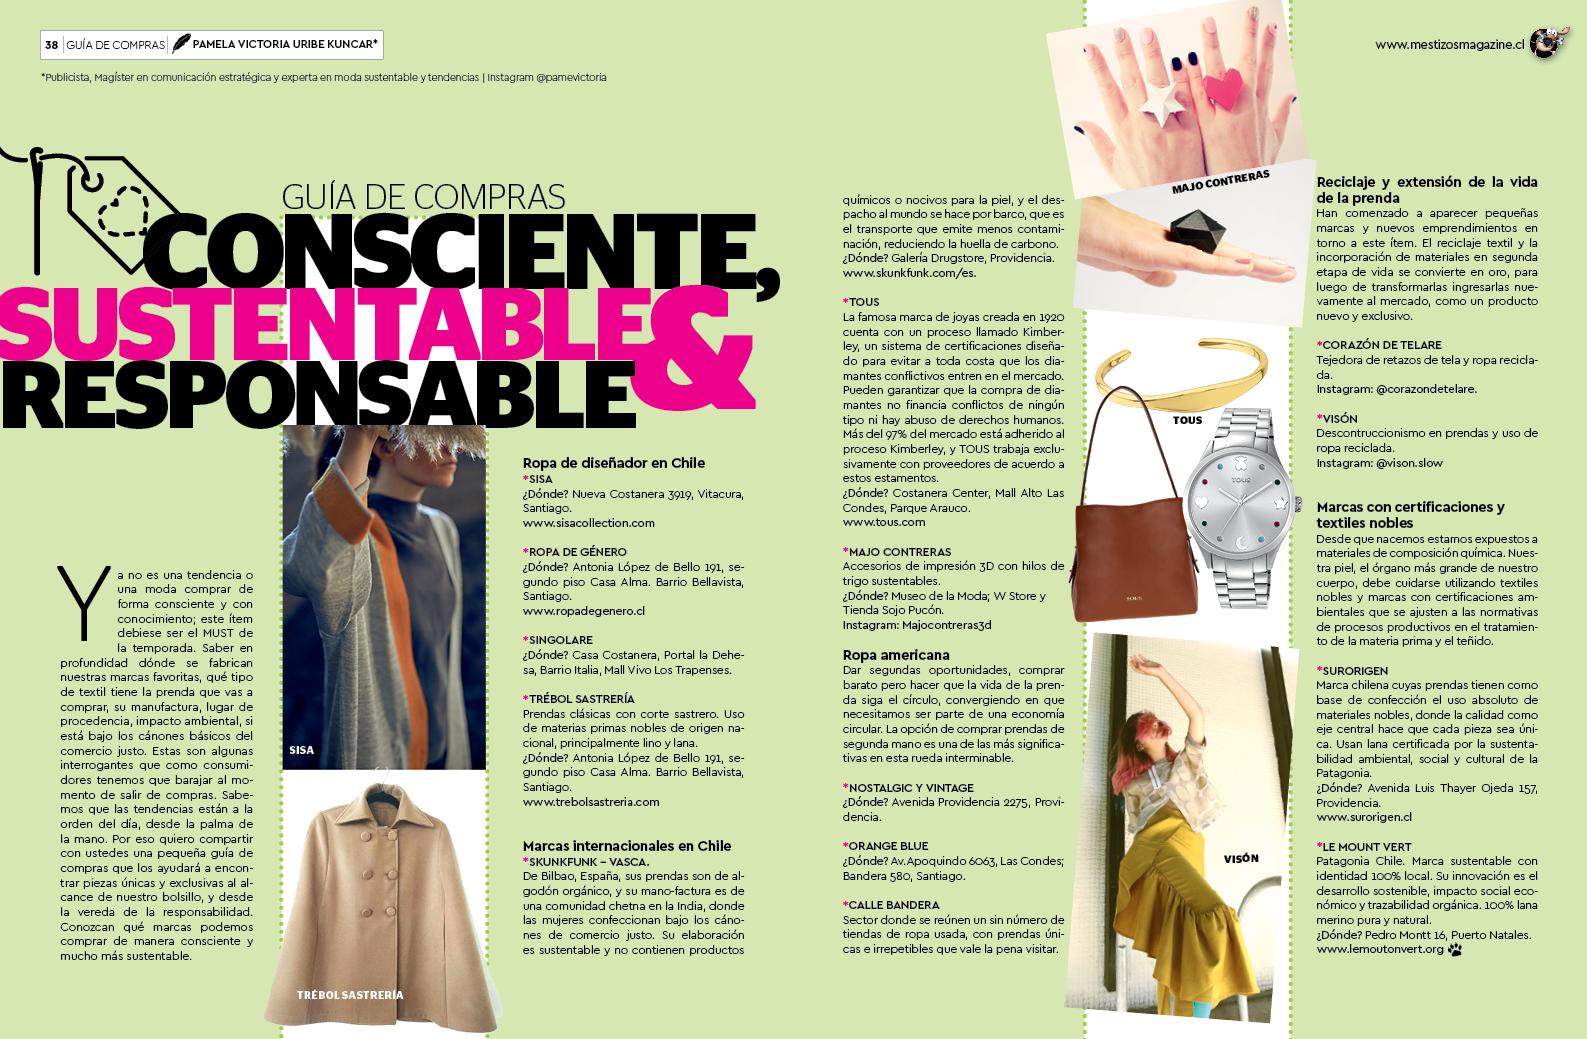 Guía de compras de marcas sustentables de moda en chile - pamela victoria experta en moda sustentable en chile